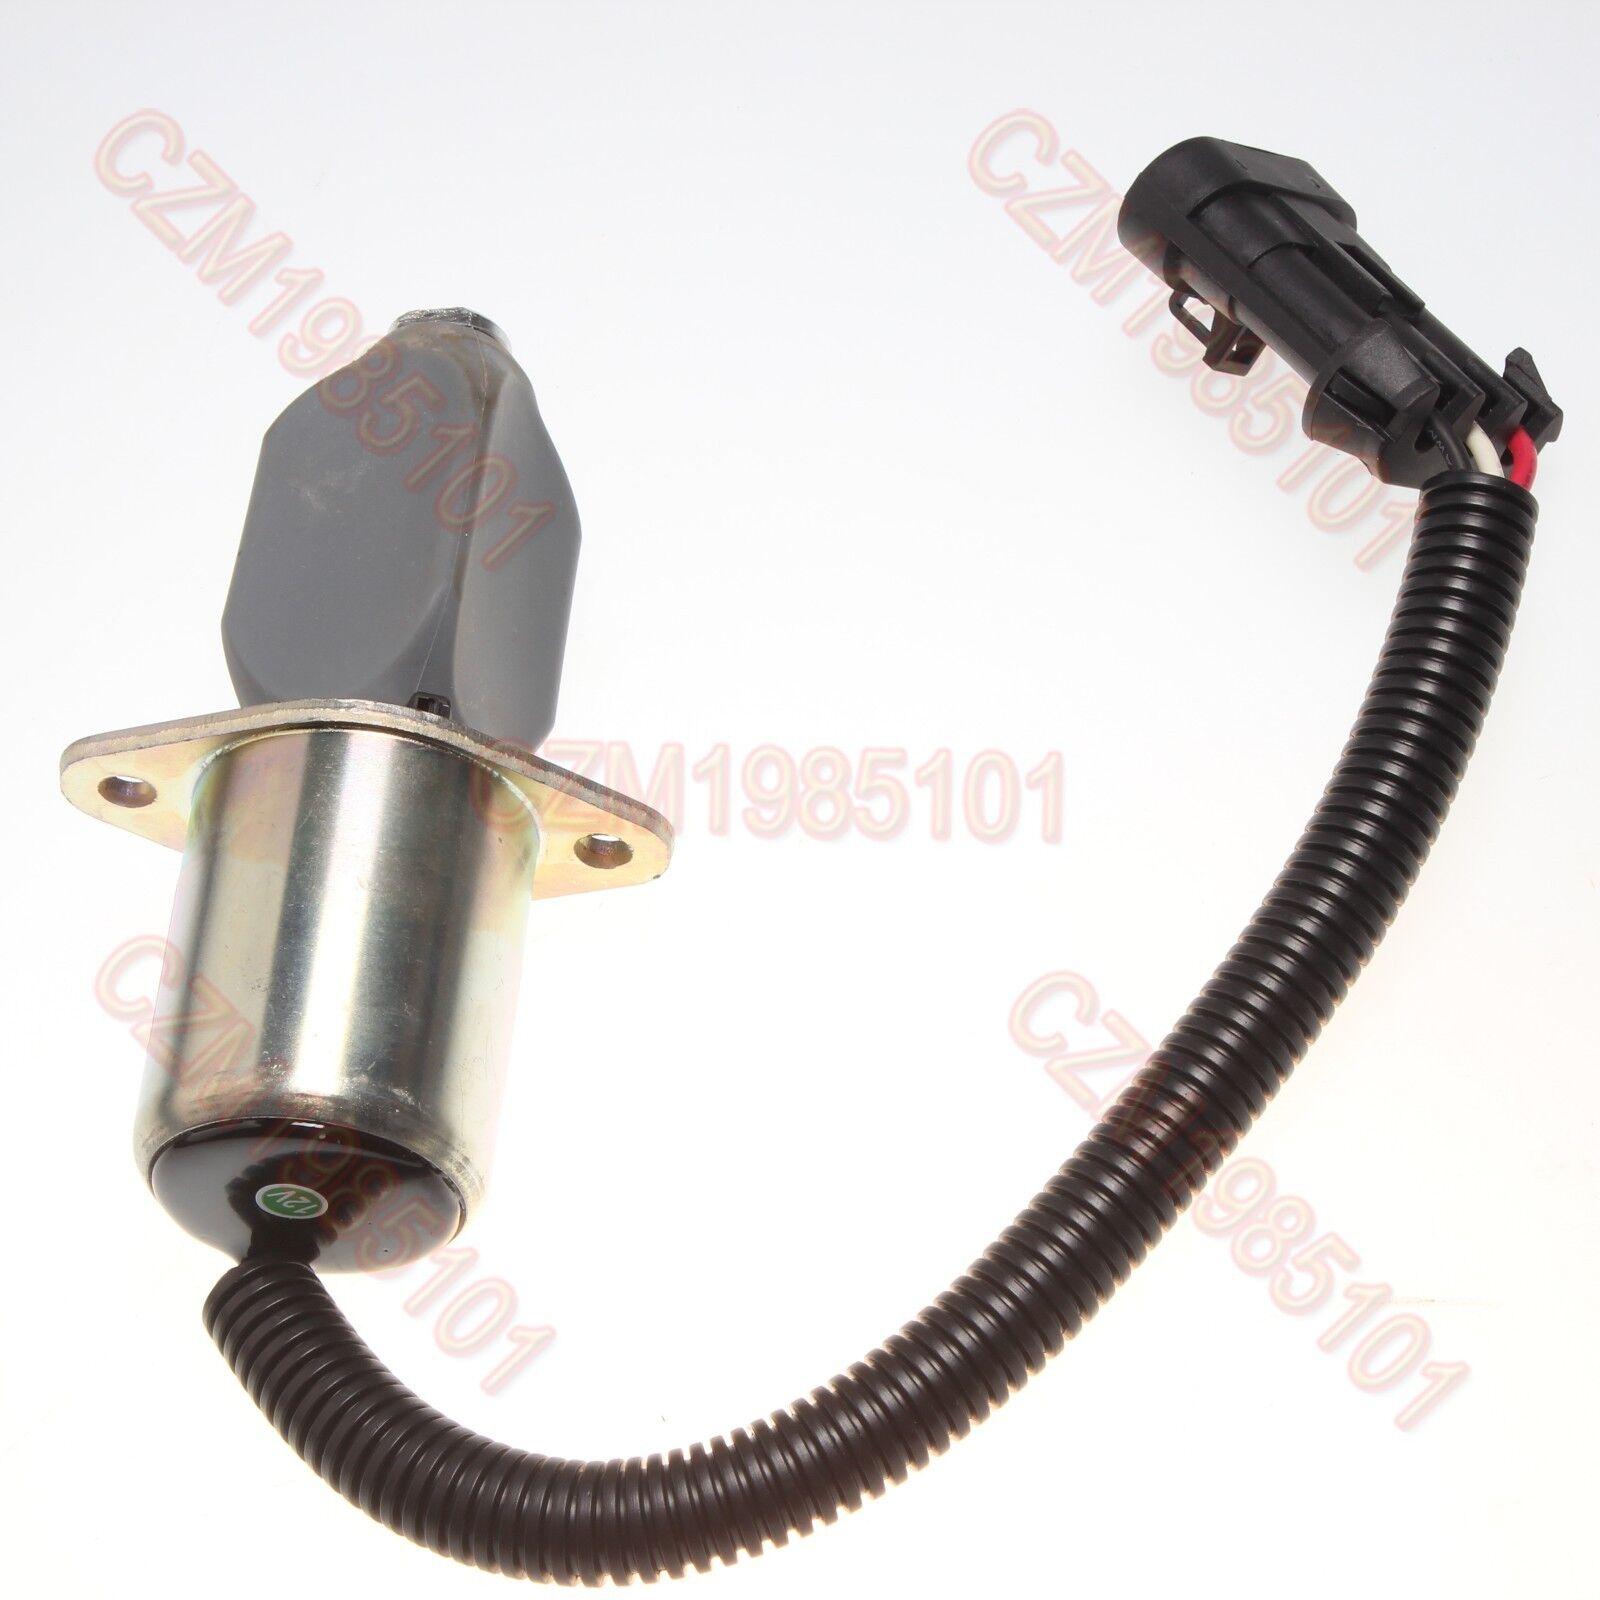 753 Bobcat Fuel Pump